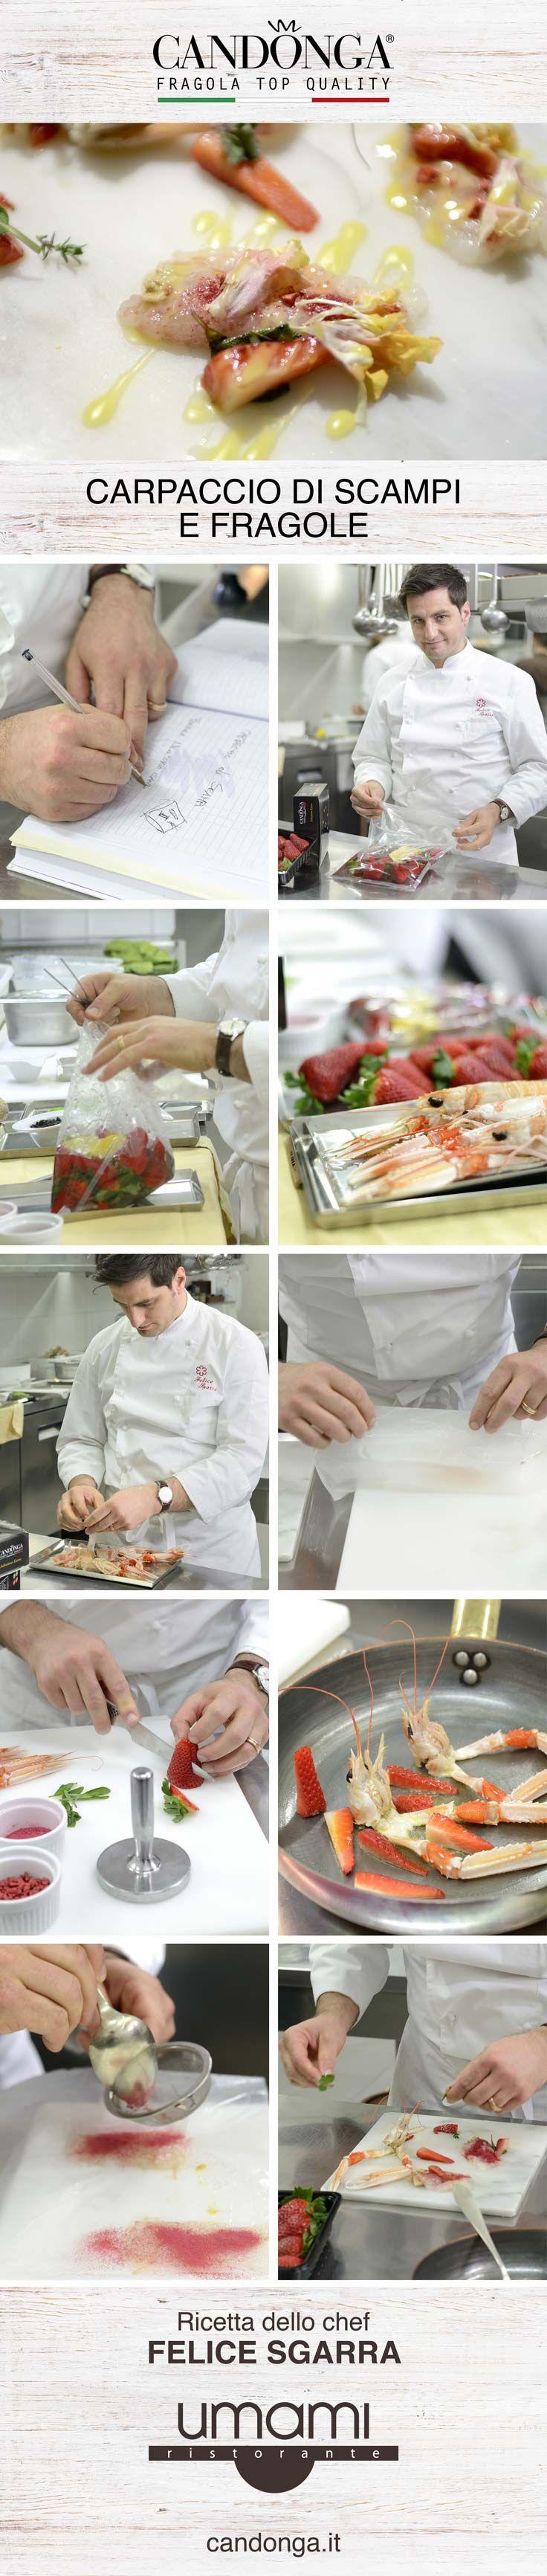 Scampi e Candonga Fragola Top Quality®, un'armonia di sapori firmata dallo Chef Felice Sgarra (Umami Andria). Nell'articolo #video e #foto.  #candongatop #fragole #ricette #ricettestellari